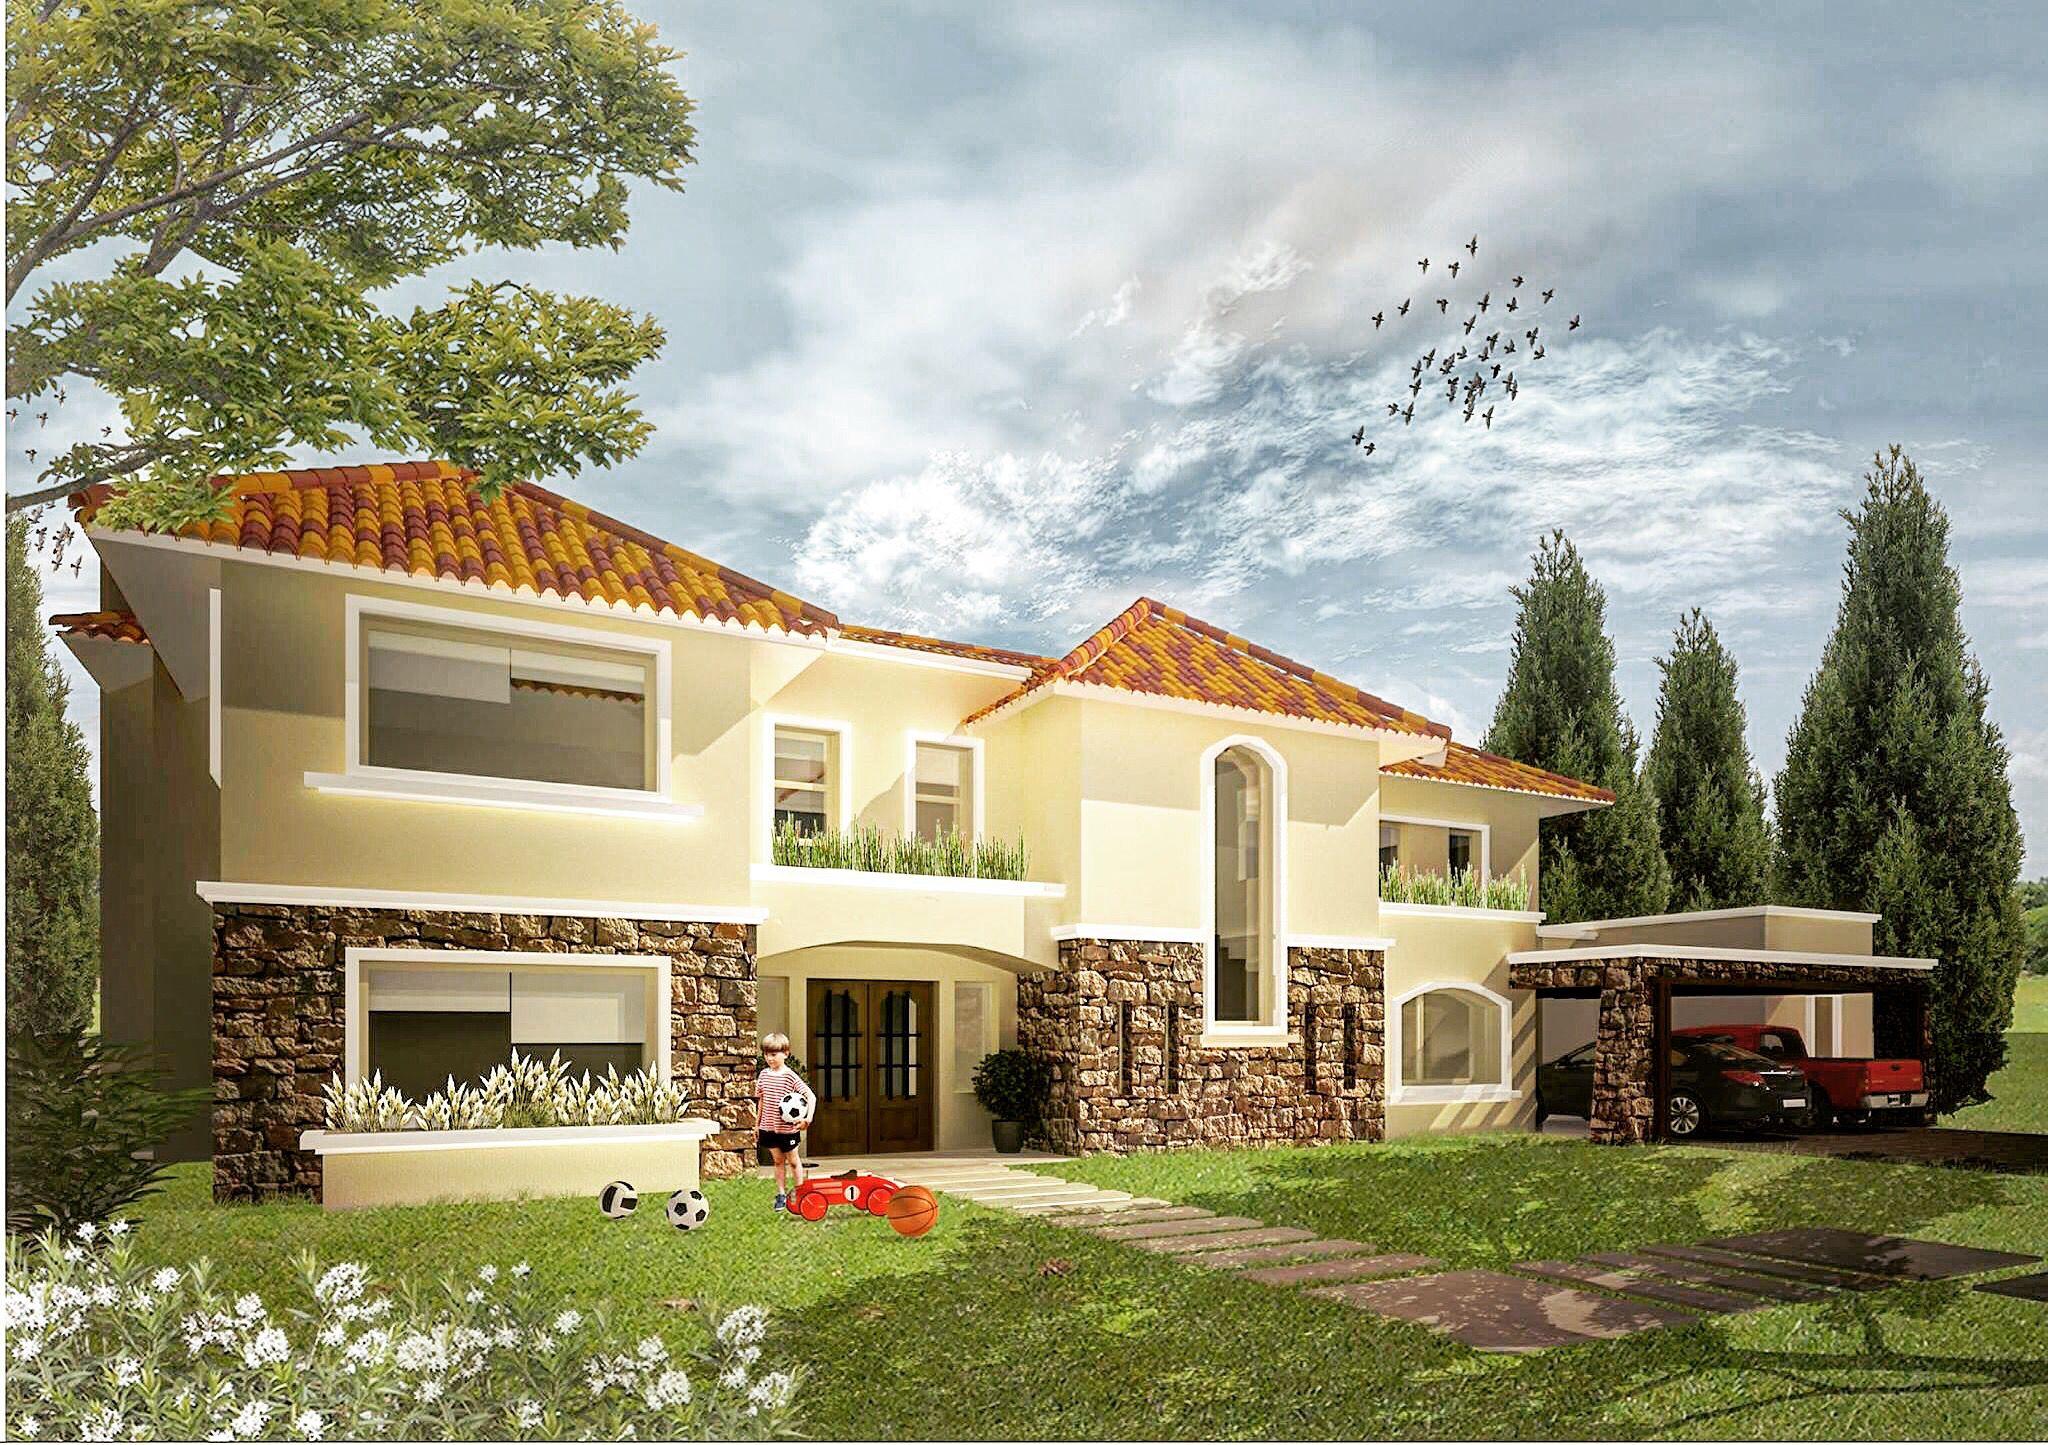 Residencia colonial con piedra Fachada tejas Casa colonial Front ...